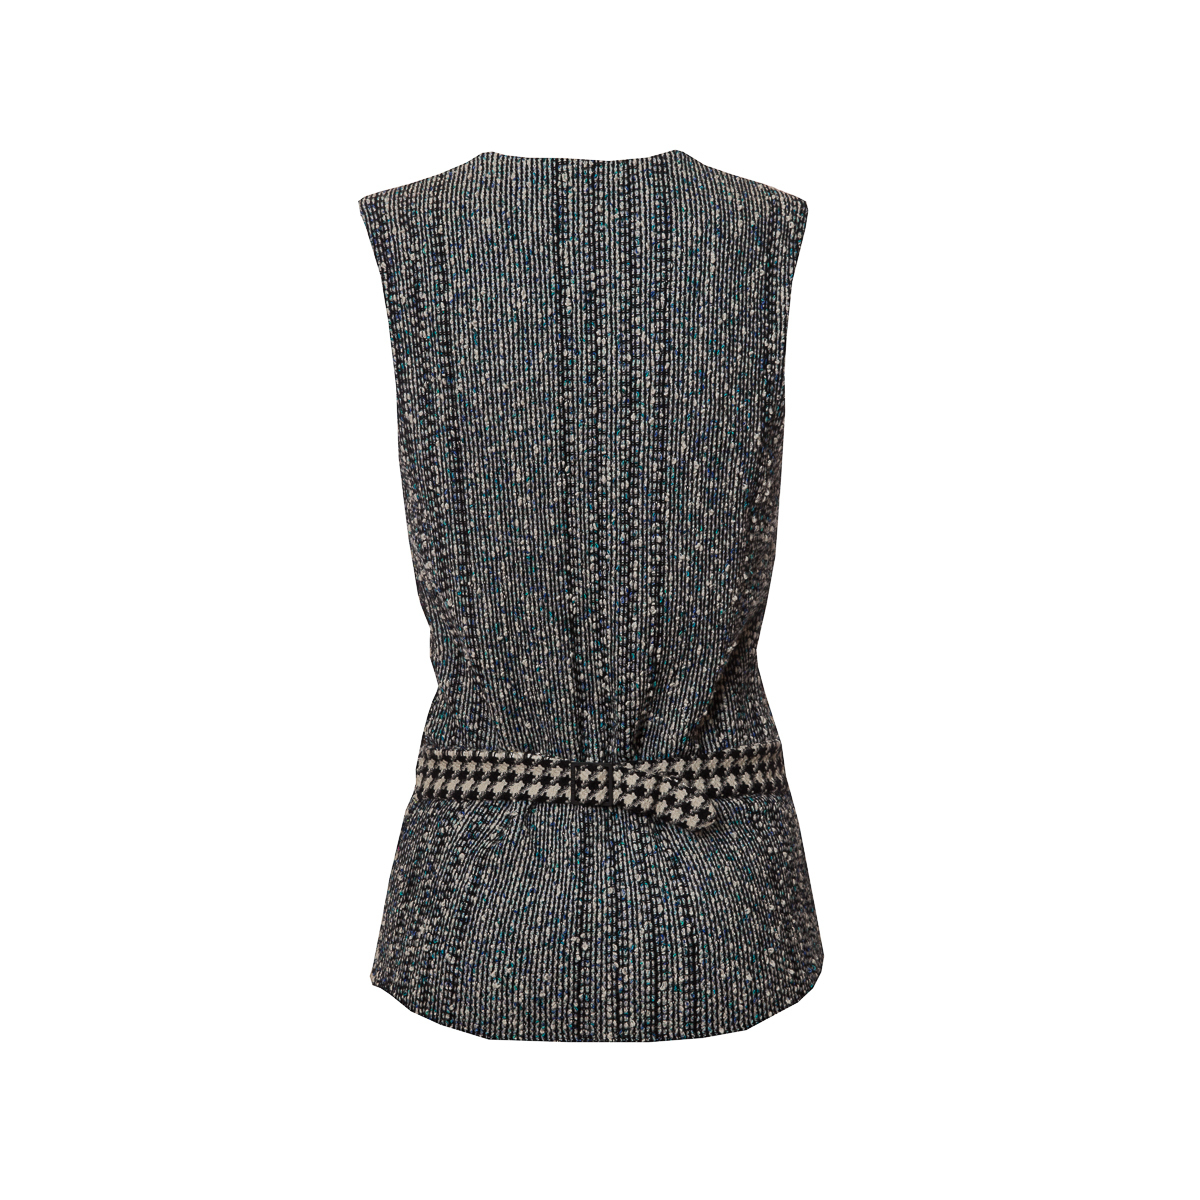 Стильный жилет из твида от Chanel, 34 размер.